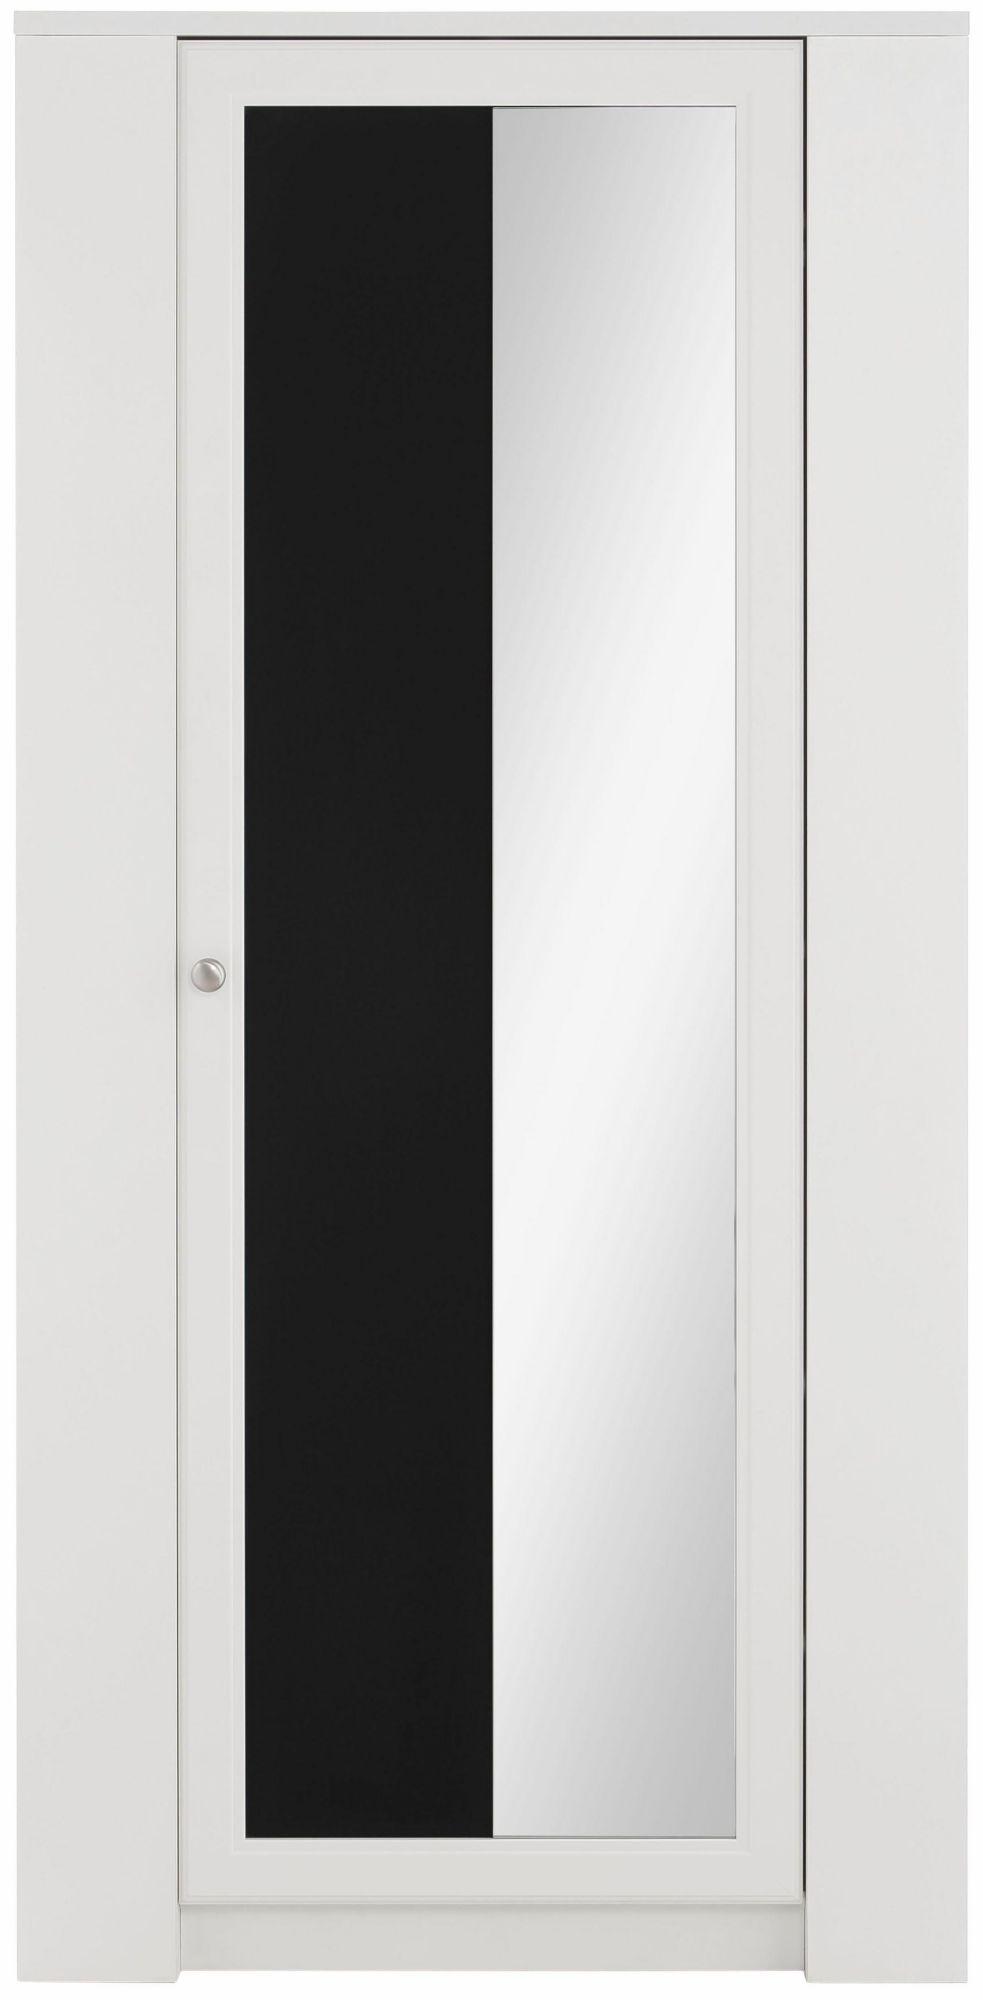 Gut Home Affaire Garderobenschrank »Amberg«, Mit Tafel Und Seitlichen  Kleiderhaken, Wahlweise 1  Oder 2